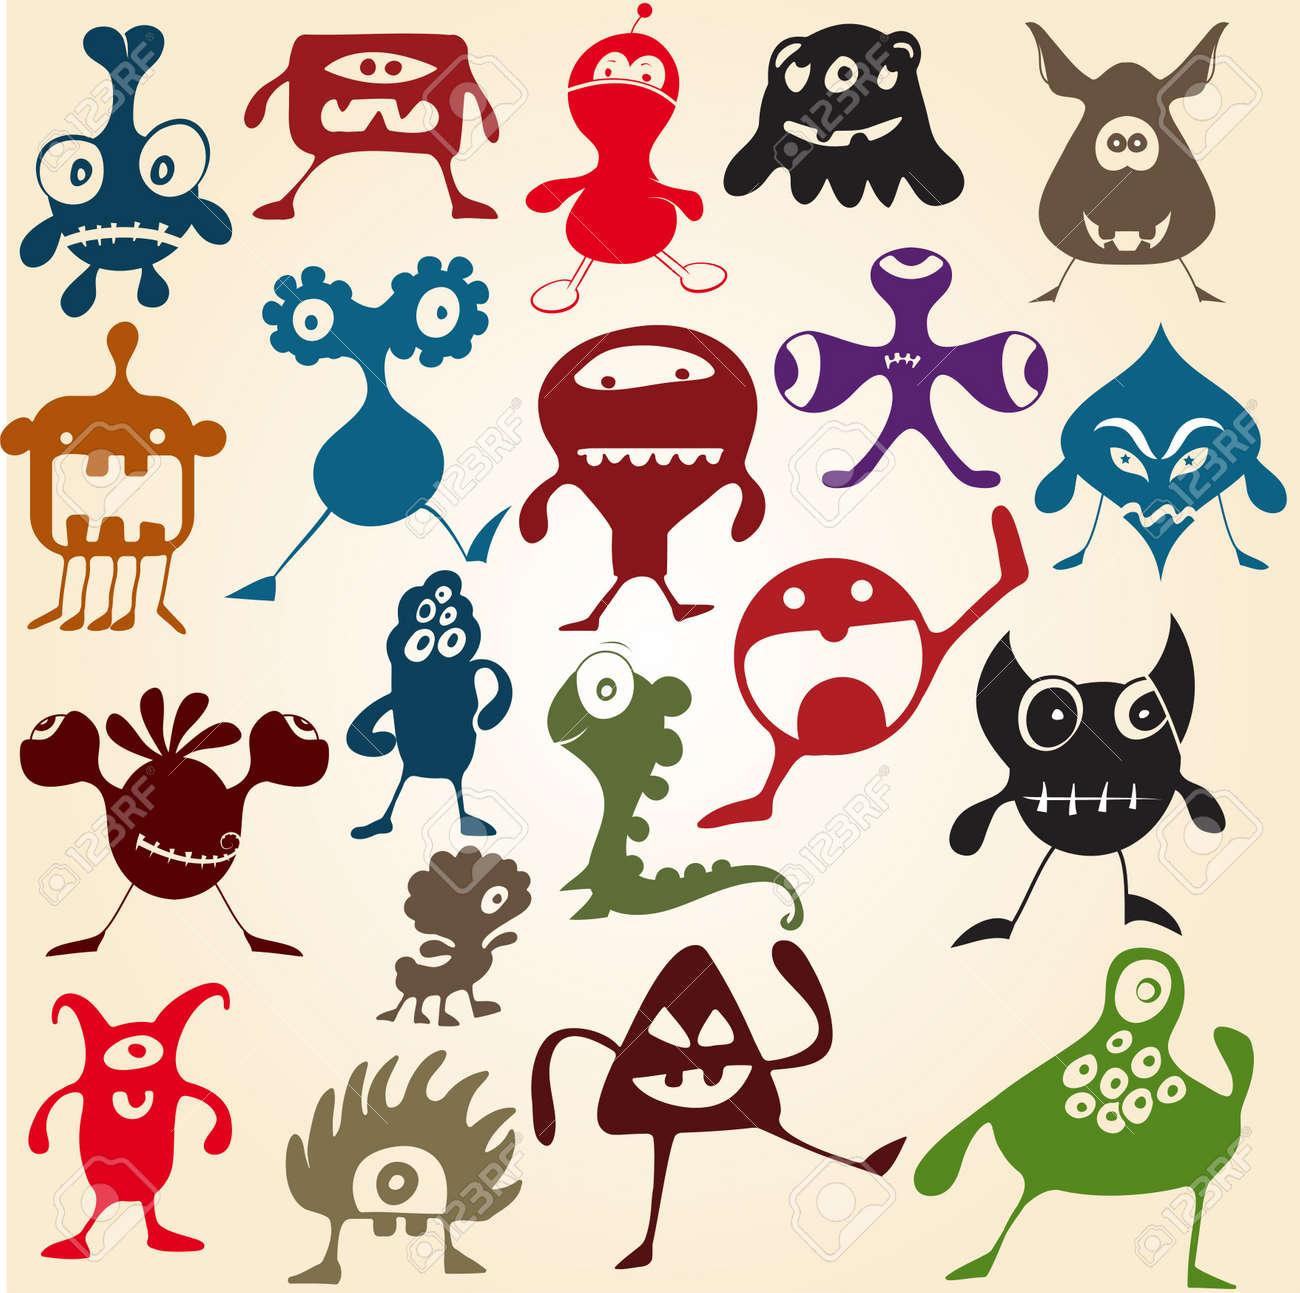 Doodle monsters Stock Vector - 11858401